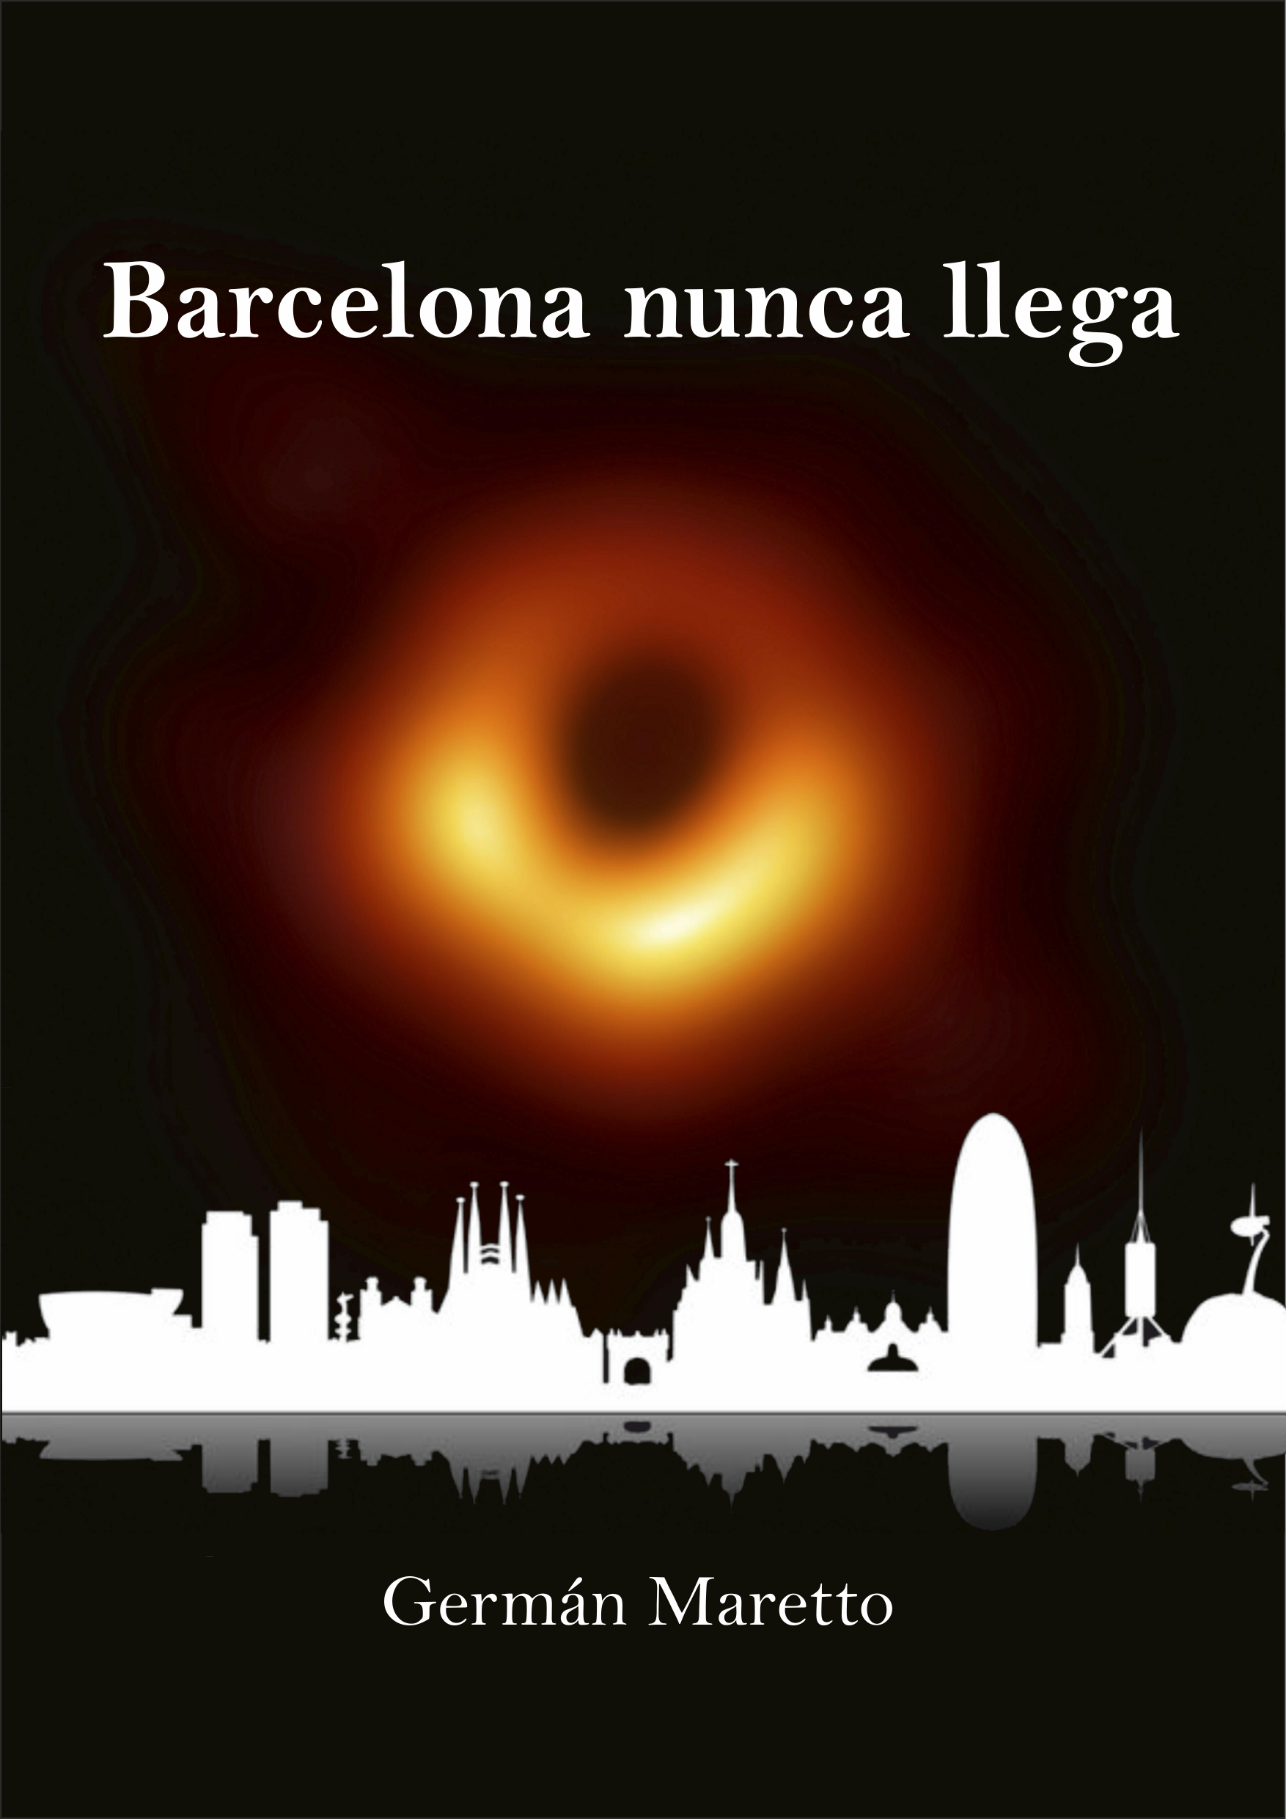 Barcelona nunca llega - Germán Maretto - demo